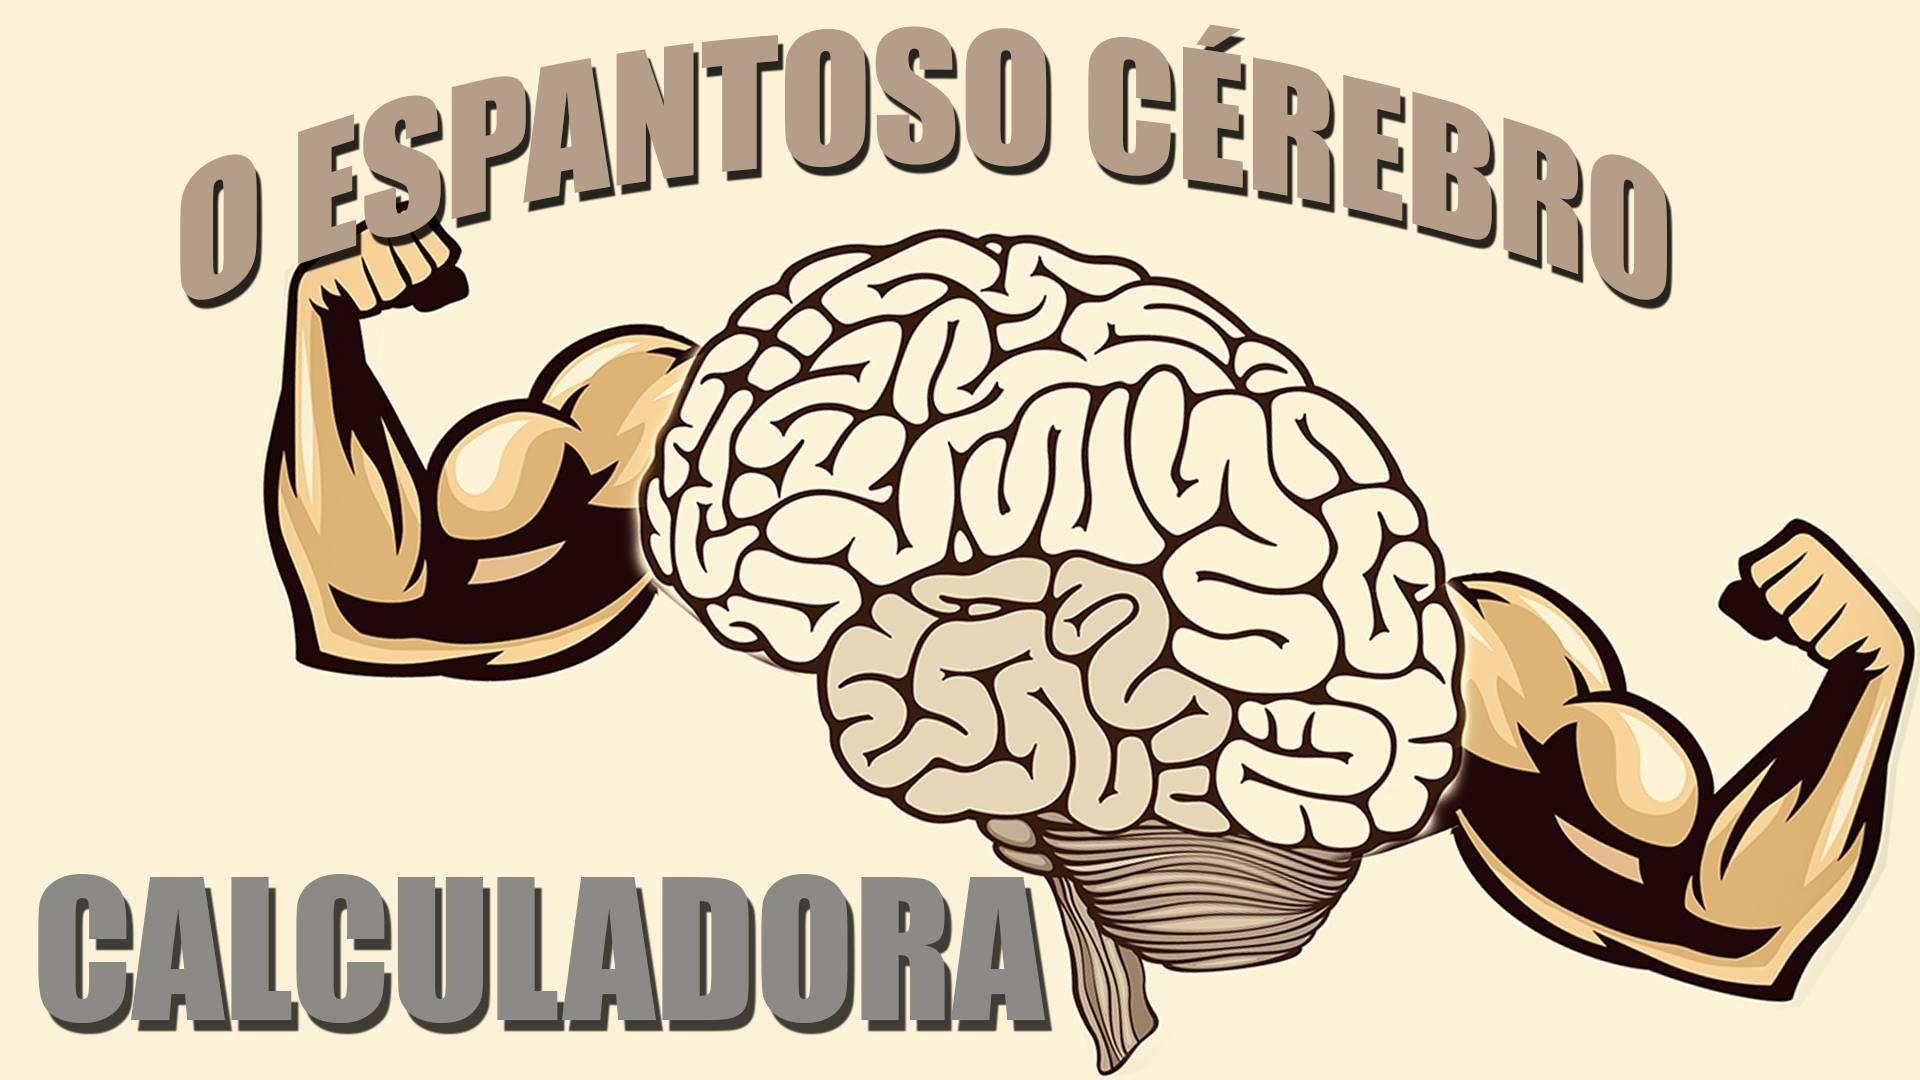 cérebro calculadora